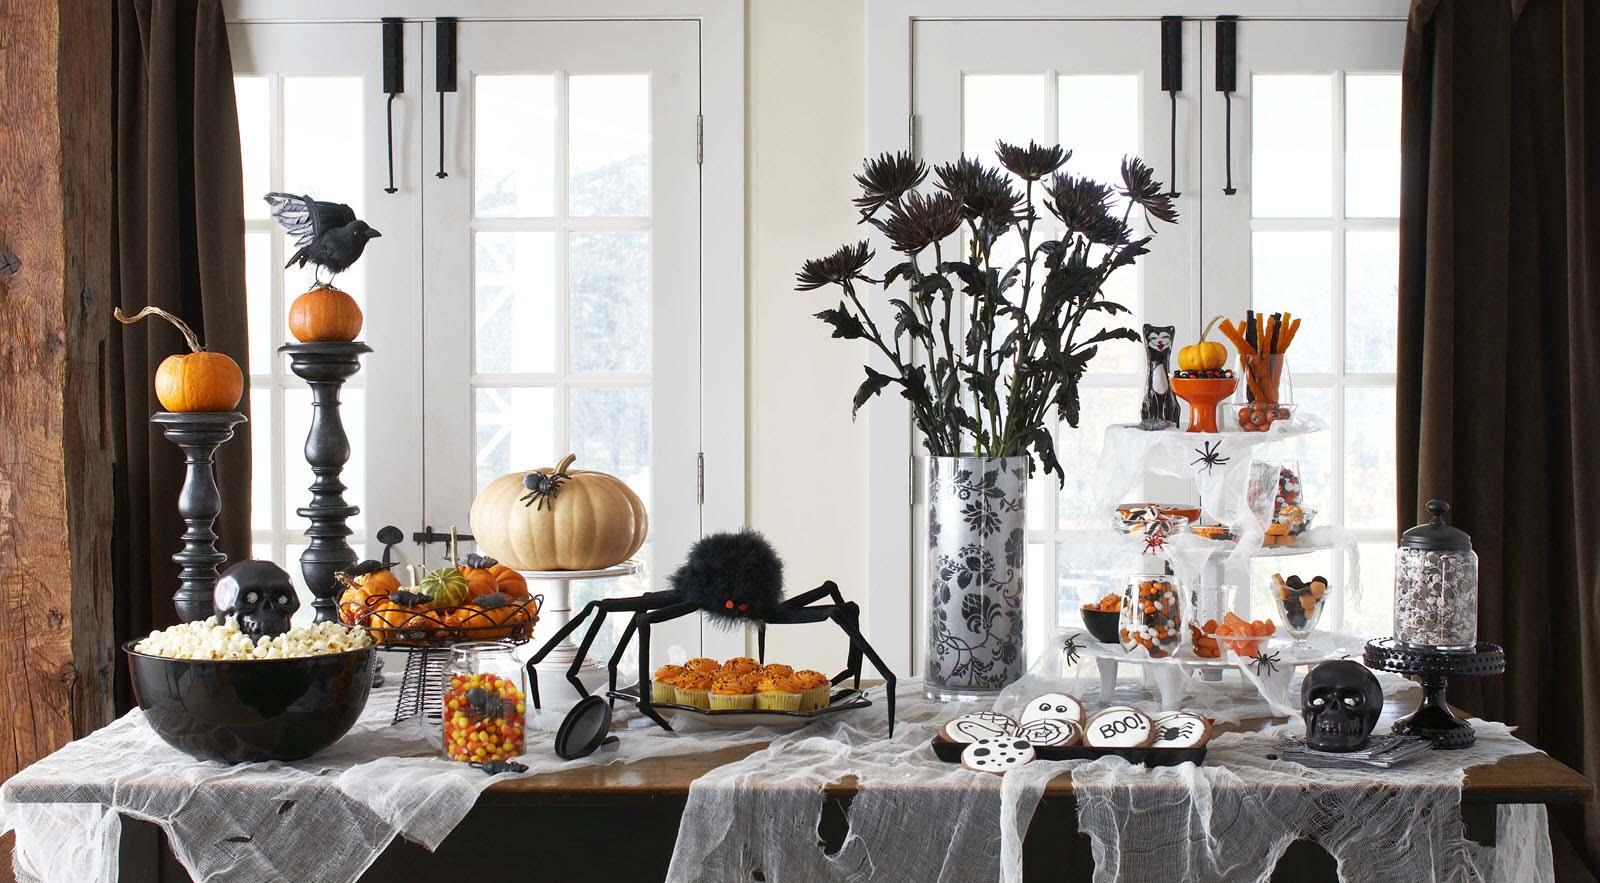 Trang trí bàn ăn ngày Halloween đẹp và đơn giản